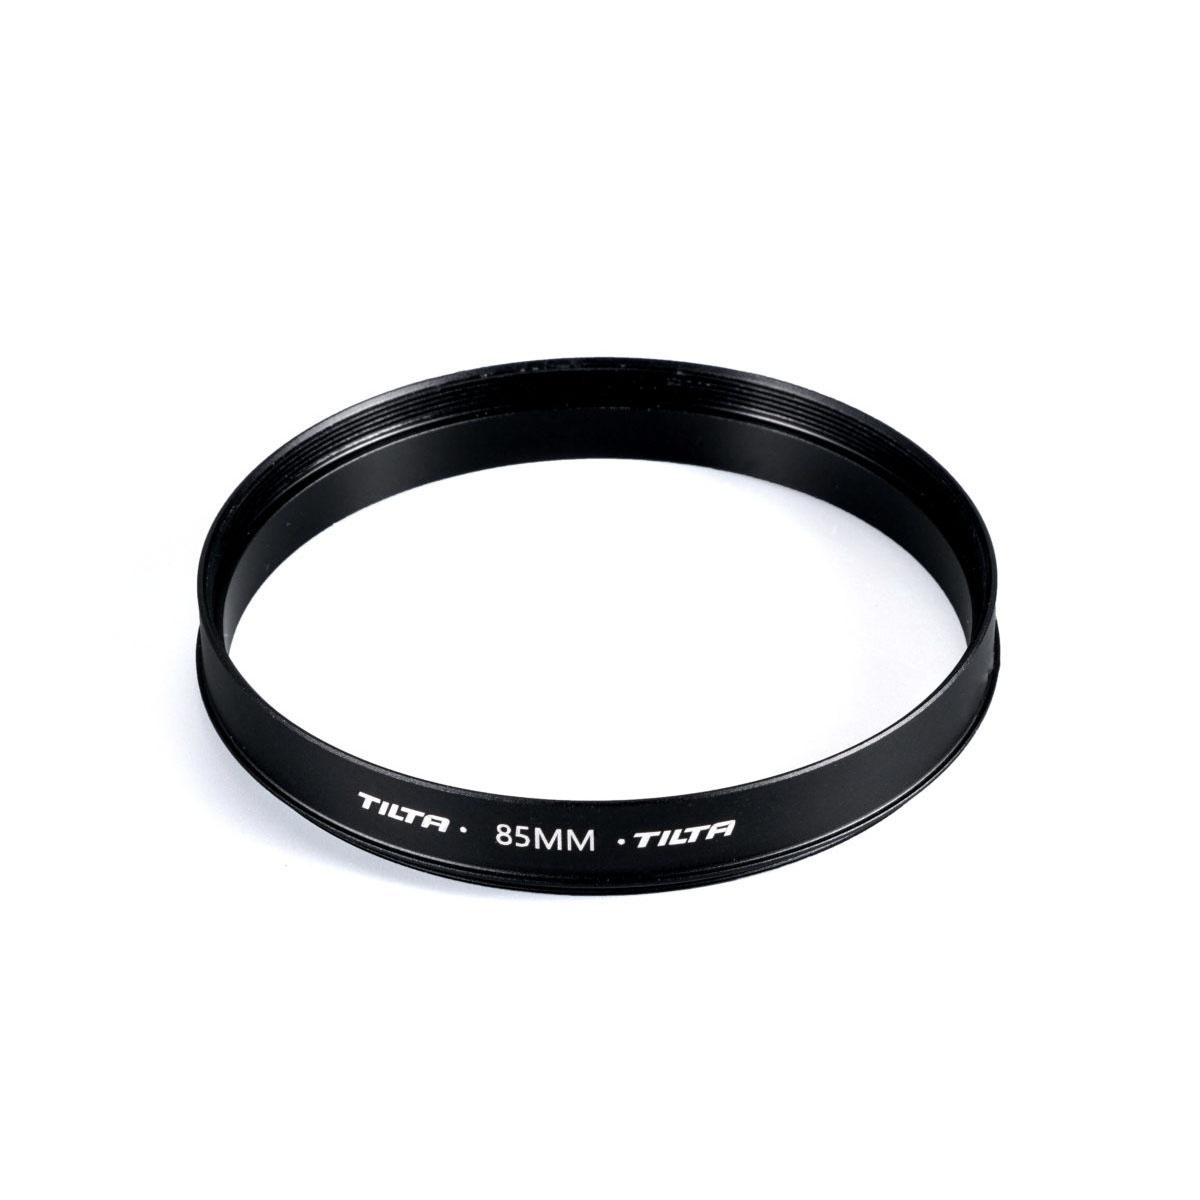 Tilta Tiltaing 85mm Adapter Ring for Mini Clamp-on MatteBox